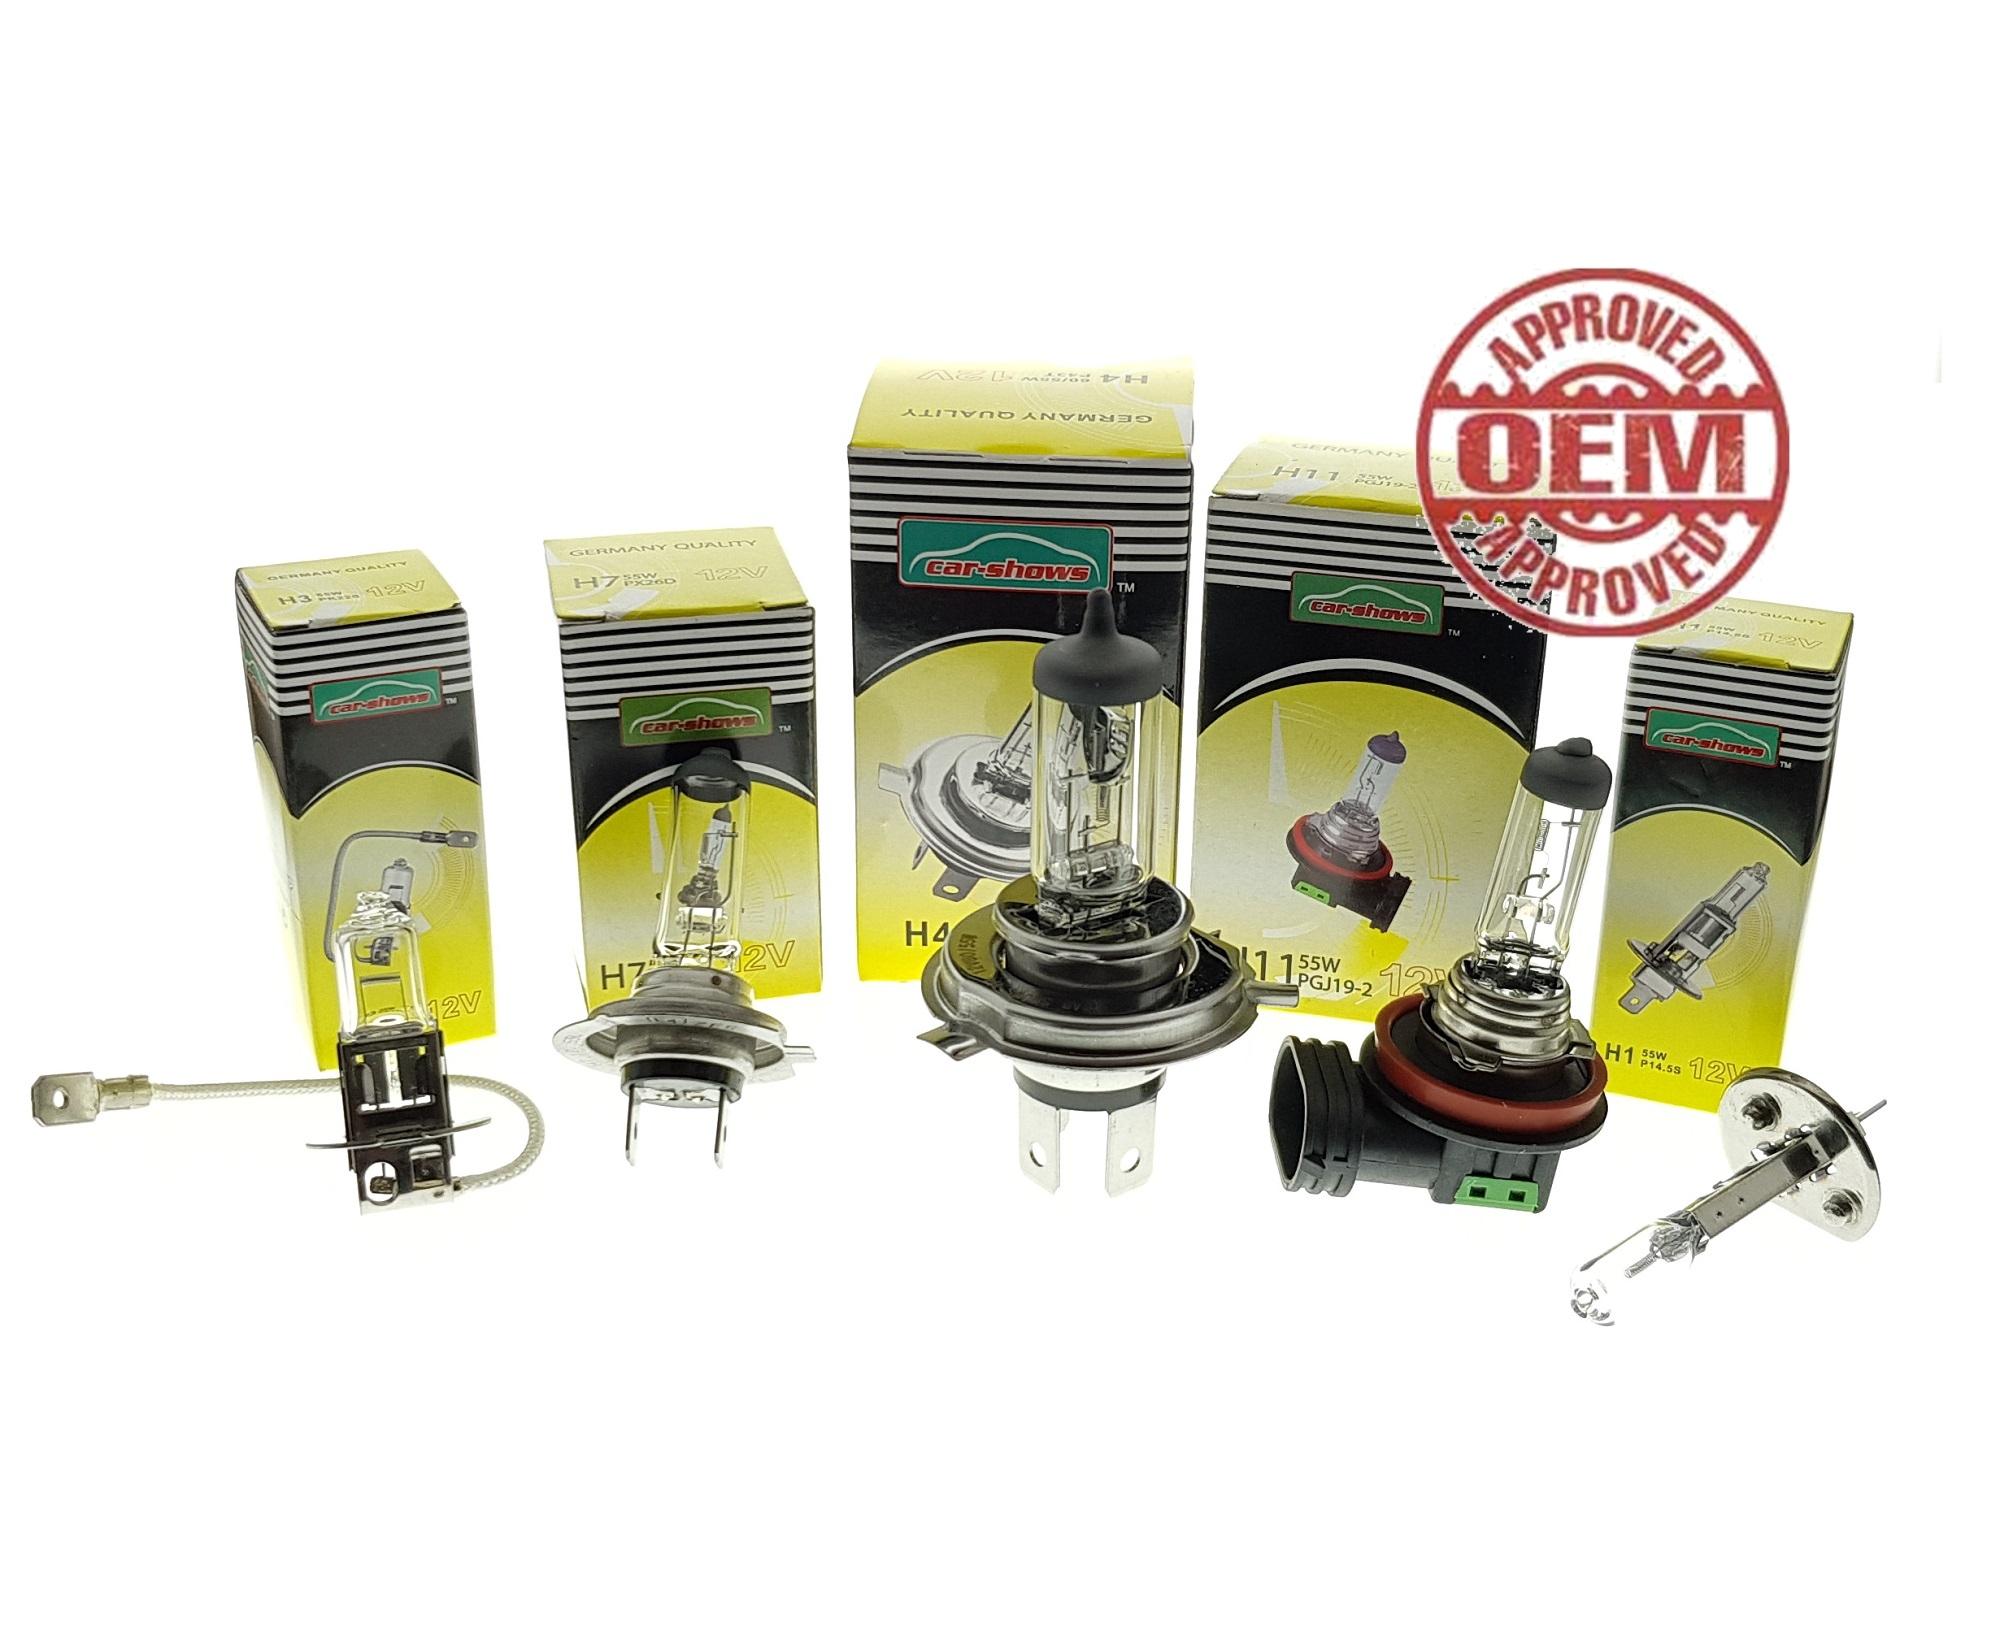 ORI Car-Shows Halogen Bulb H1/H3/H4/H7/H8/H9/H11/HB3/HB4 Osram Philips